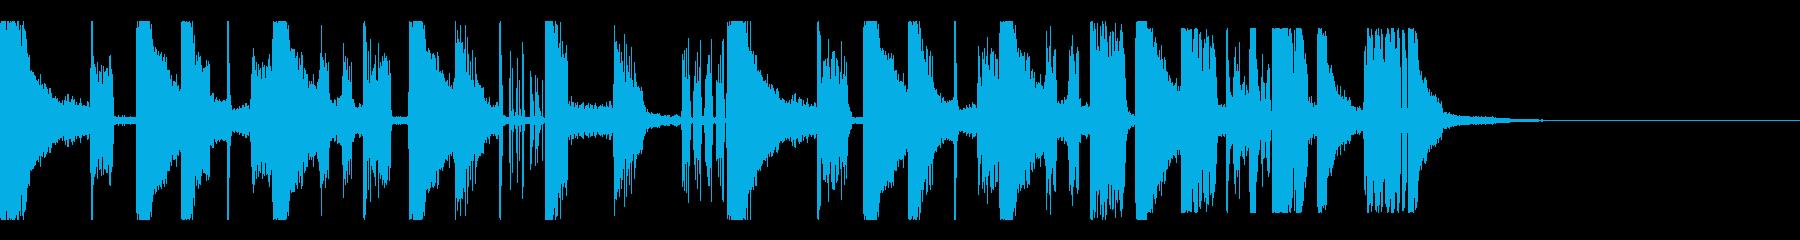 ジャージークラブなシンキングタイム音の再生済みの波形